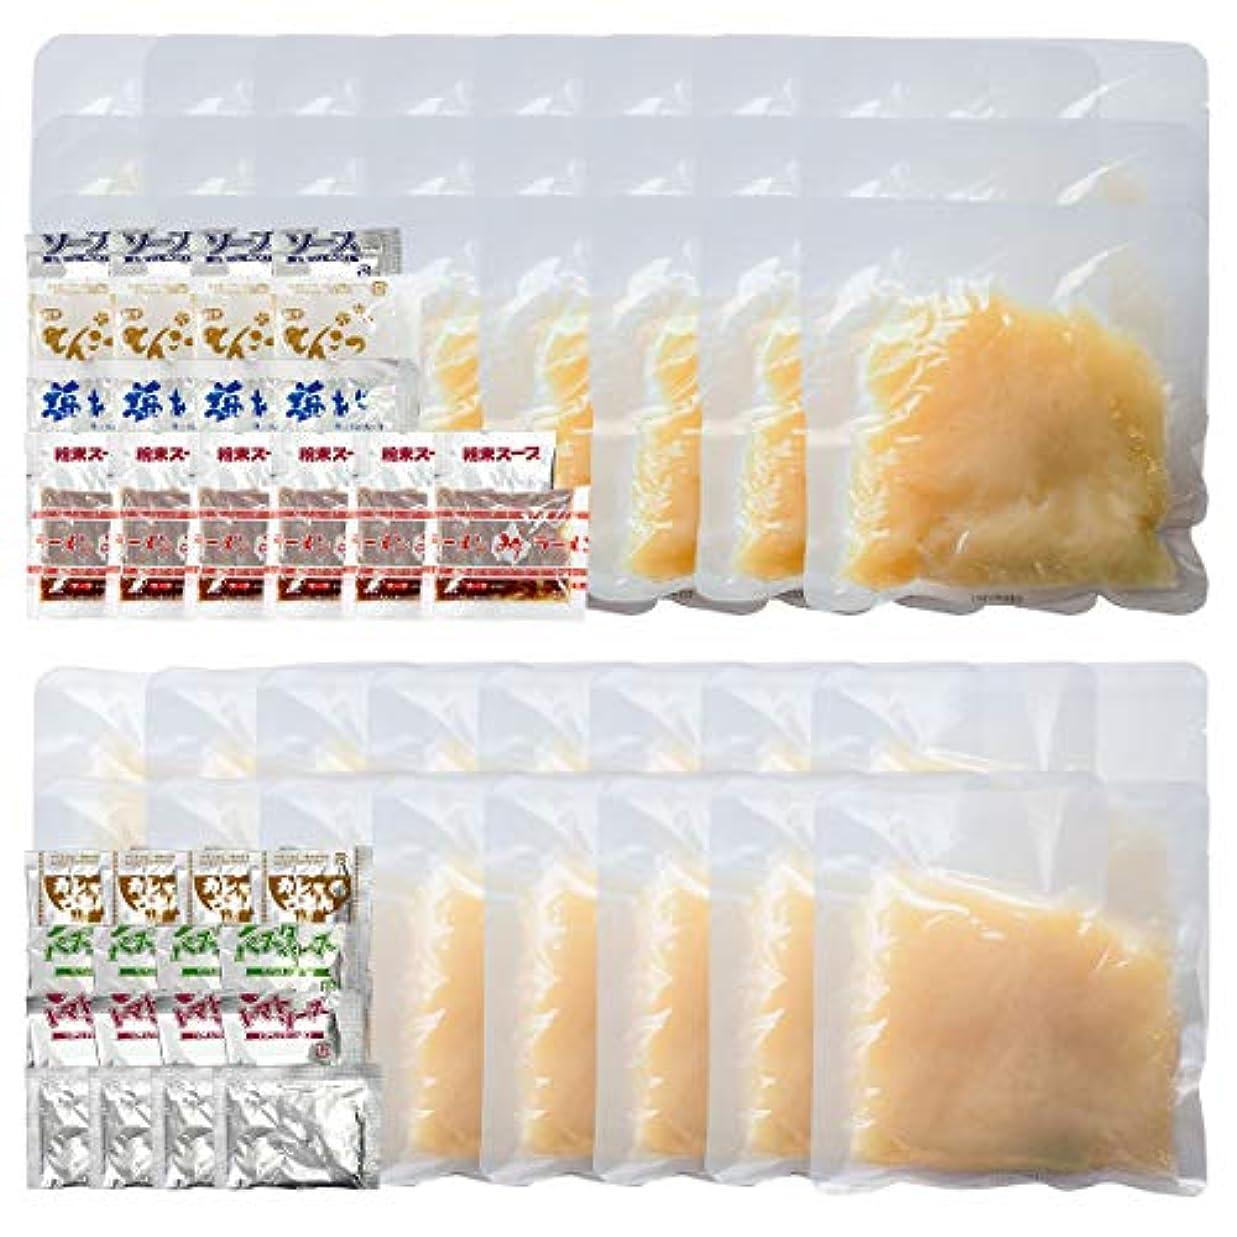 ワンダー遅滞降ろす伊豆河童 生こんにゃく麺 縮れ麺 平打ち麺 140g×40個 スープ&ソース付 9種類 40食セット